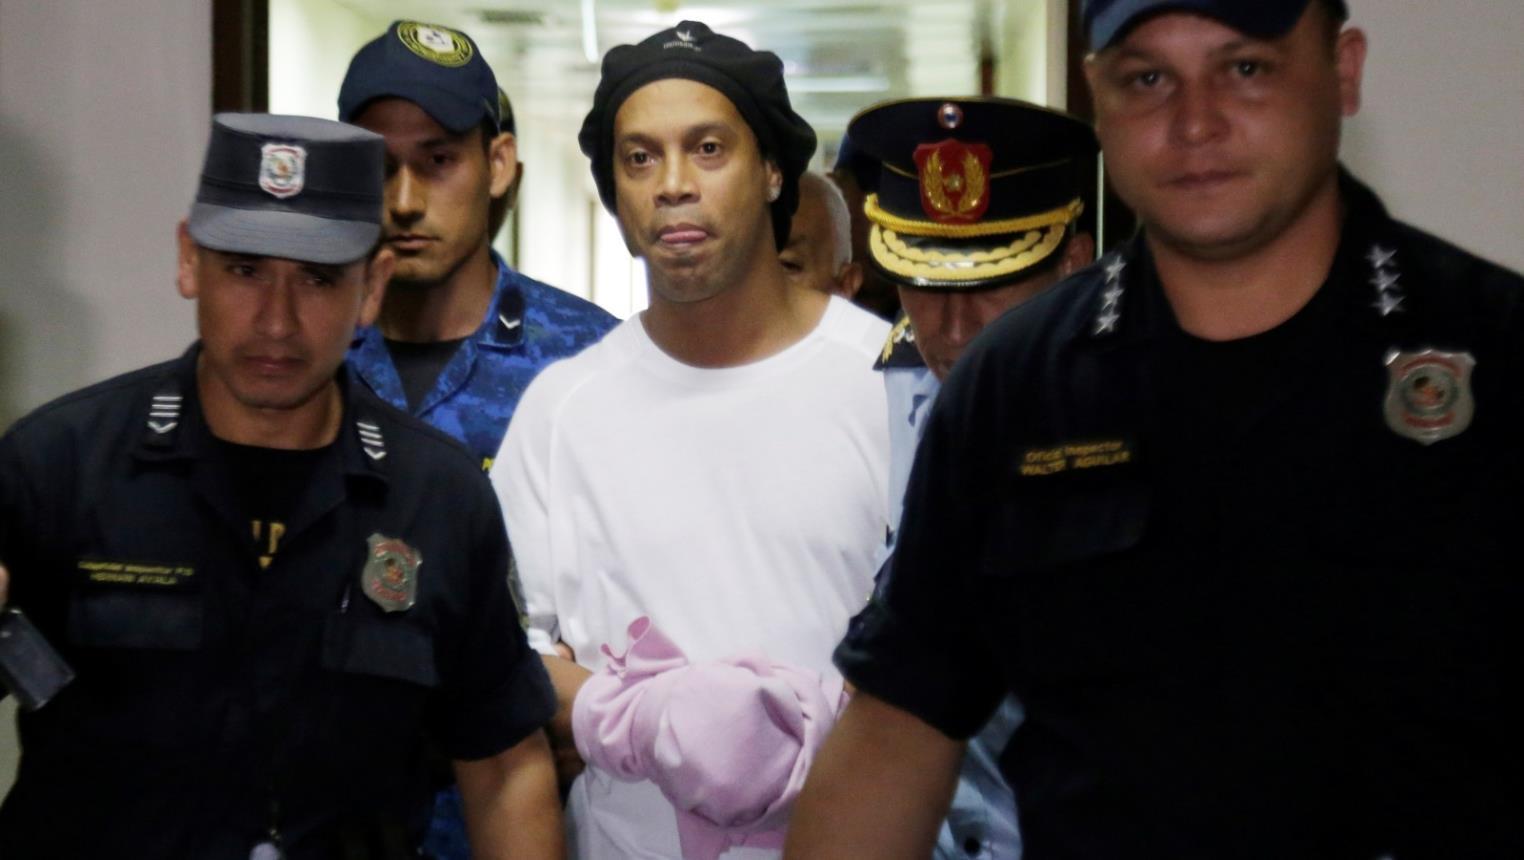 رونالدينيو مُتحدثًا عن فترة سجنه… أطول 70 يوم في حياتي